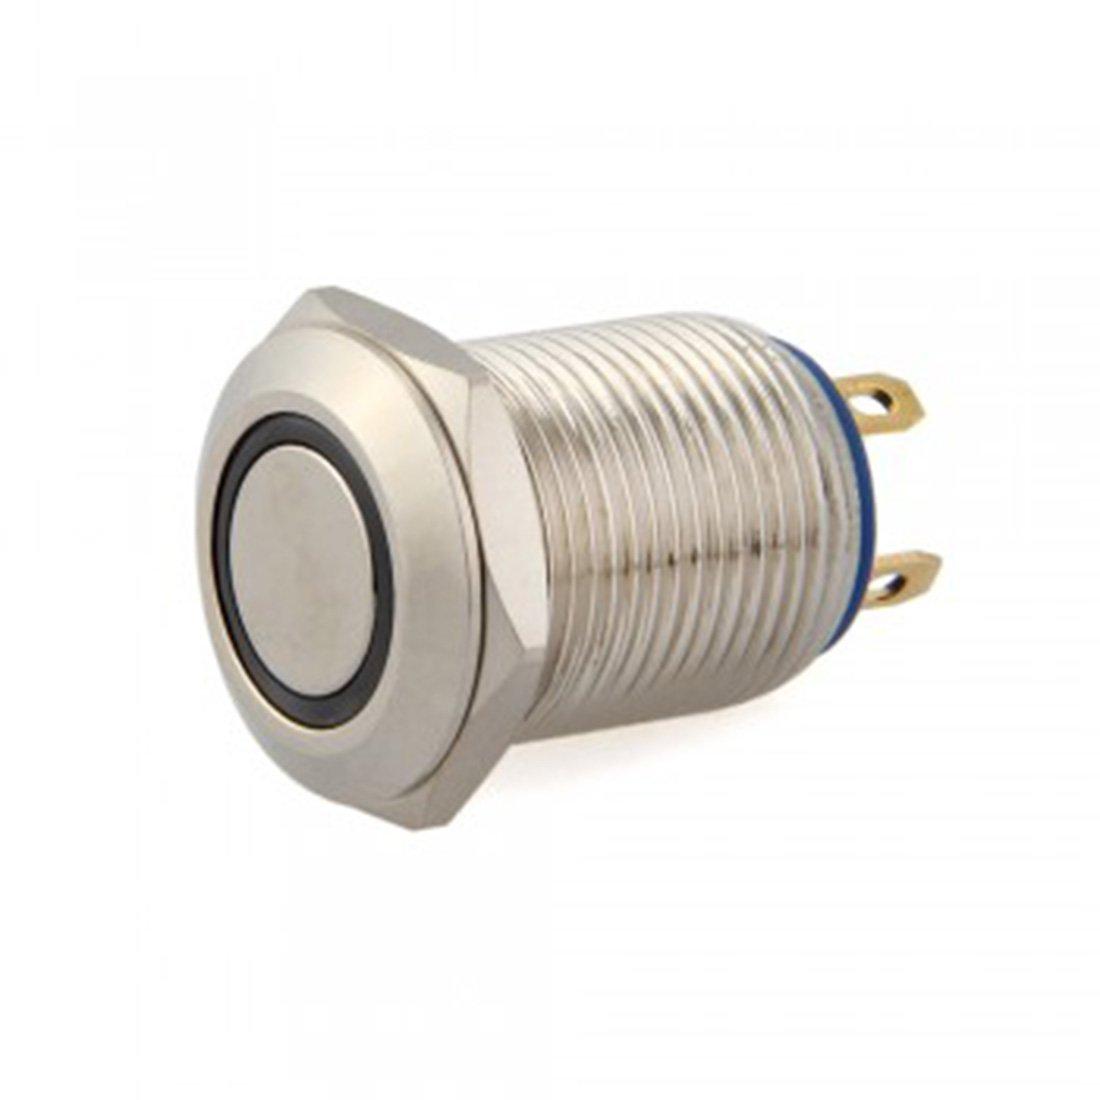 LovelyLifeAST AST1218C342 12 /Mm 12 /V Momentan/é Sur Boutons Poussoir Interrupteur On//Off Durable Automatique LED Bleu